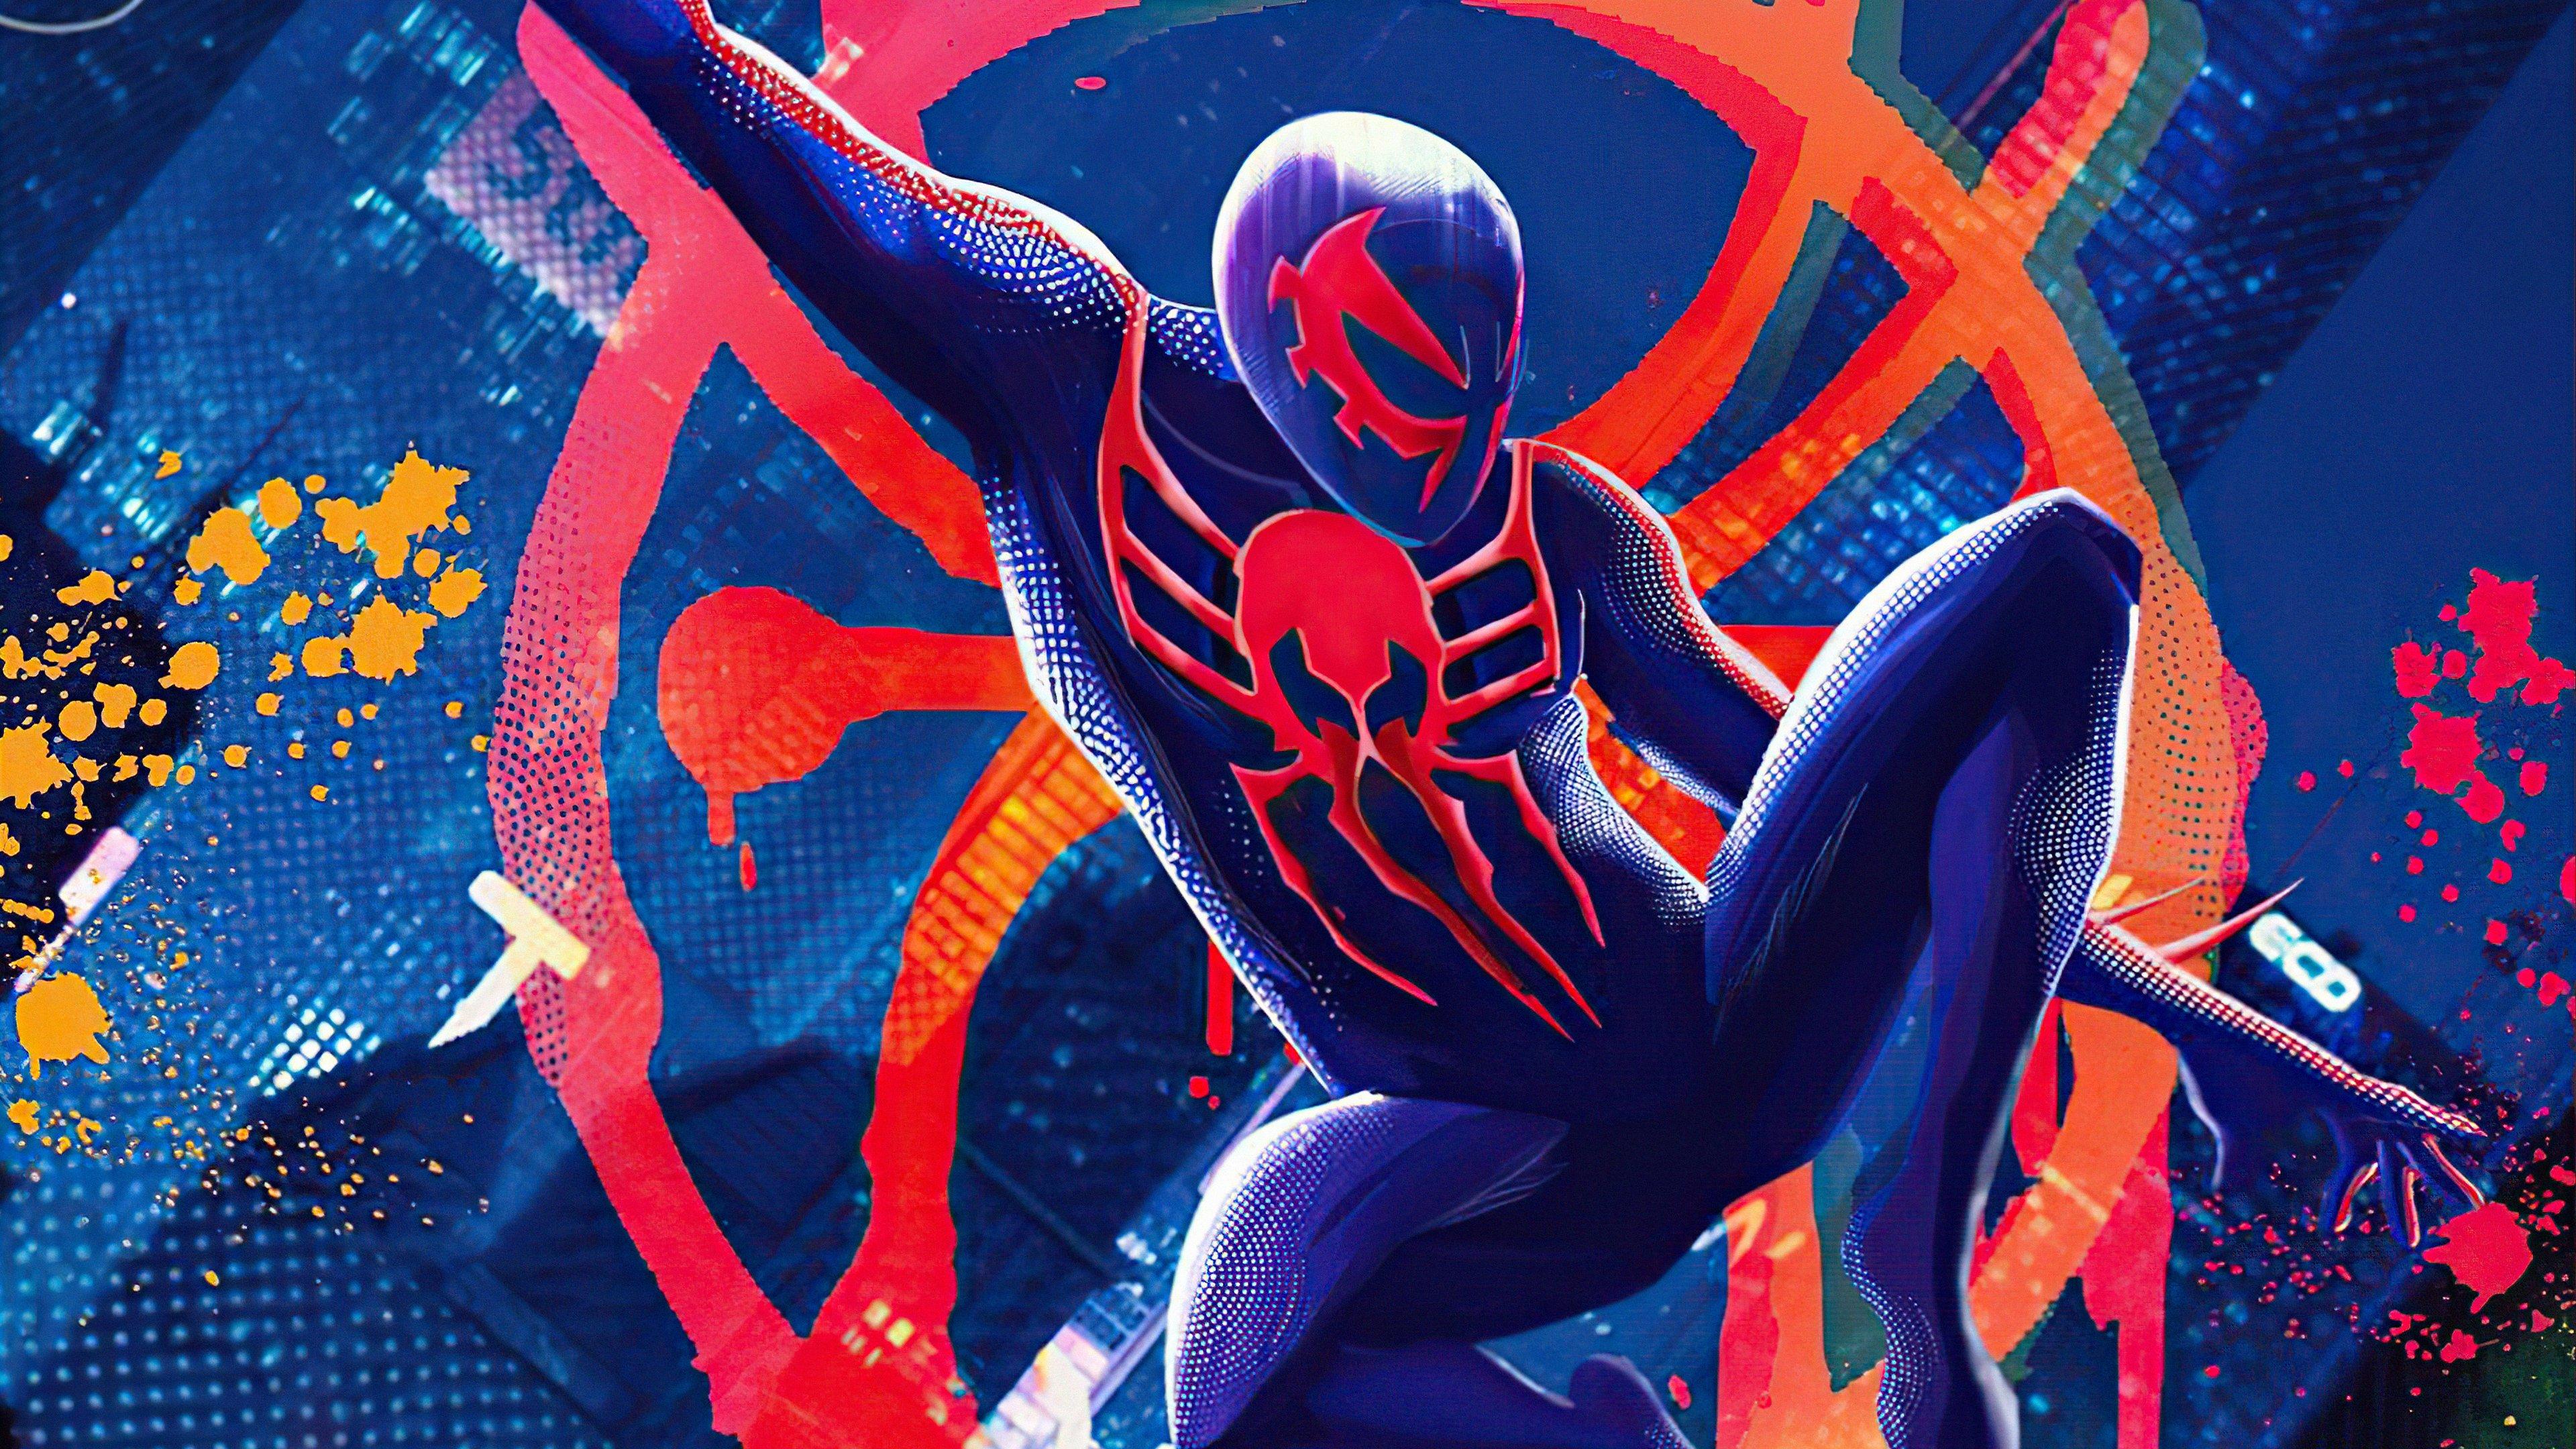 Fondos de pantalla El hombre araña 2099 en el multiverso